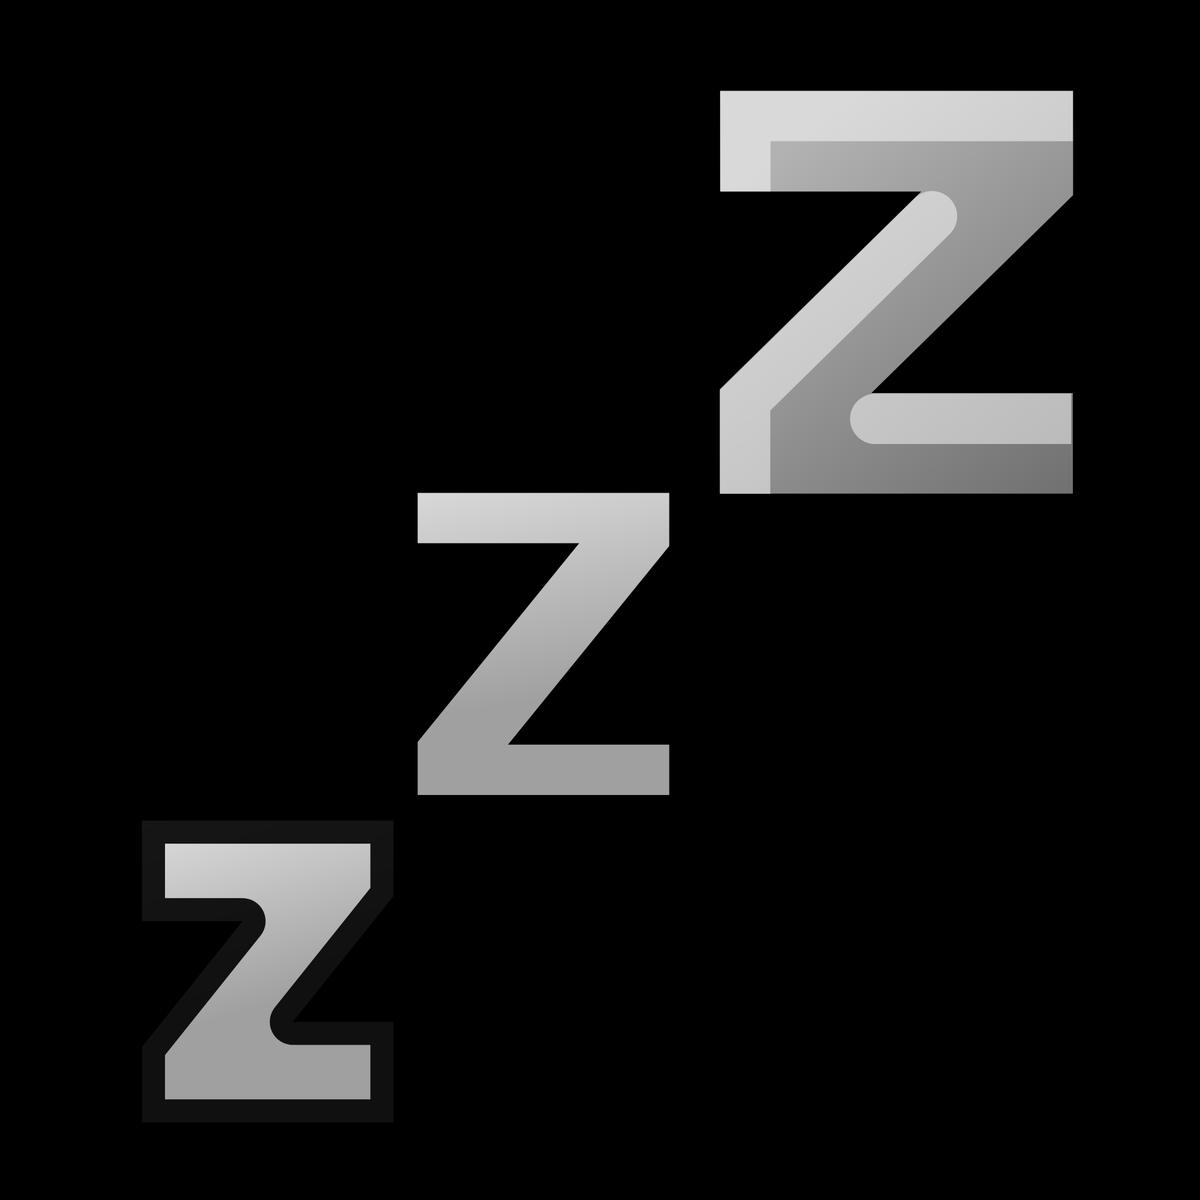 Sleeping zzzz